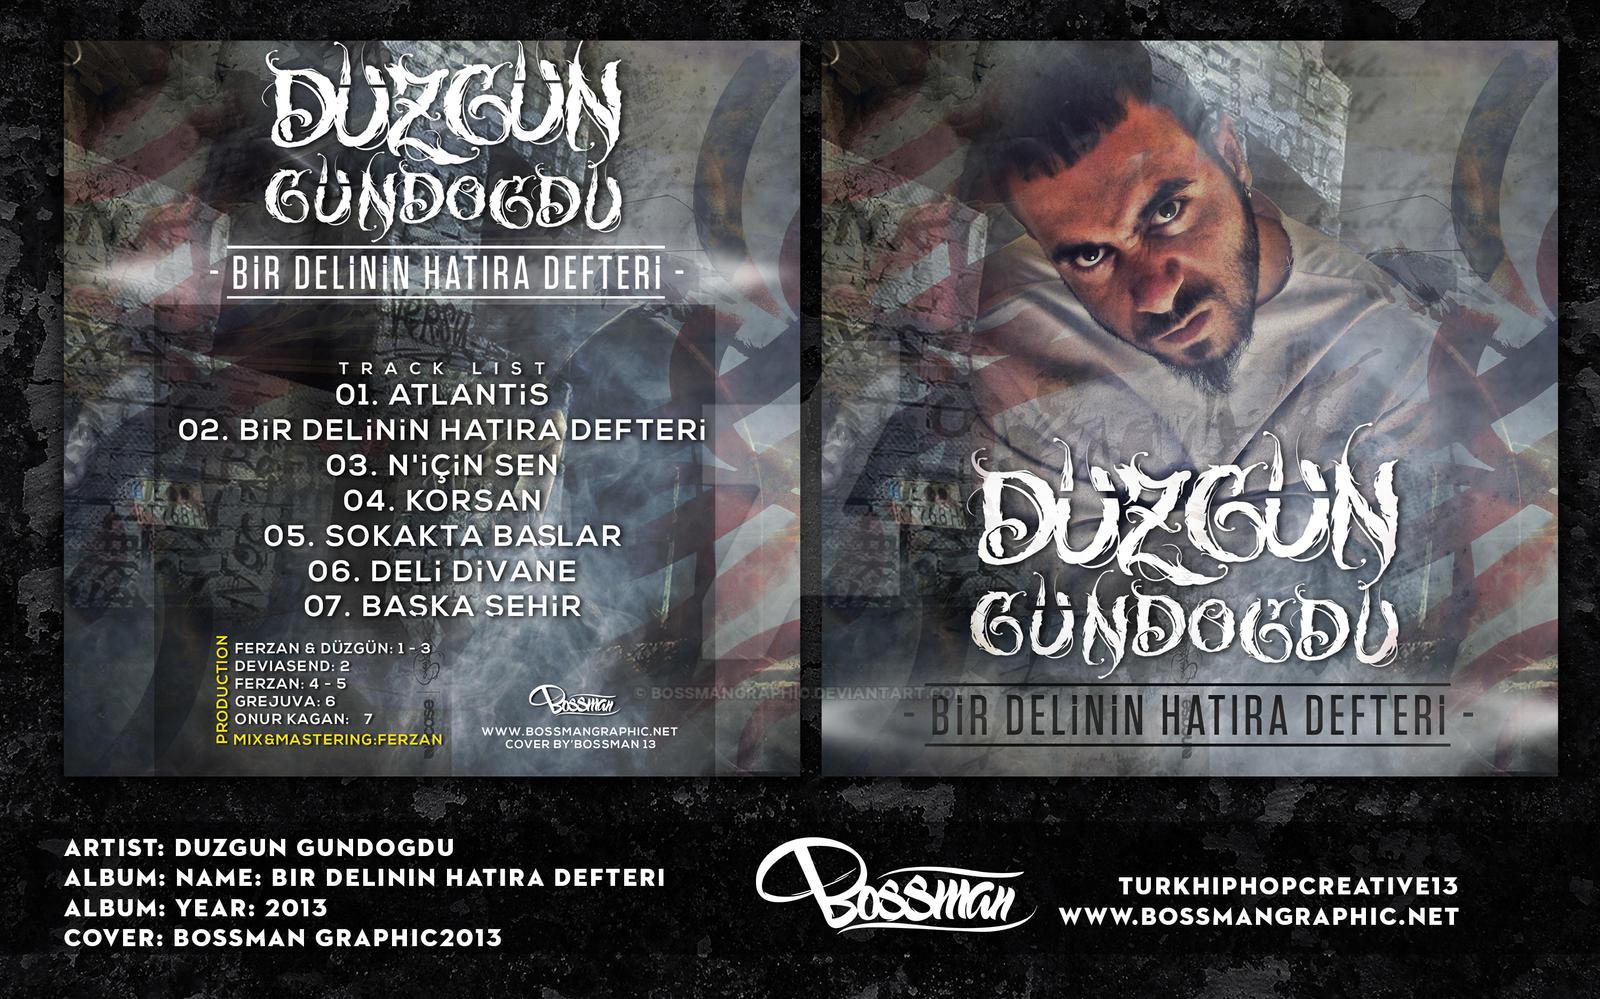 Duzgun Gundogdu - Album Cover